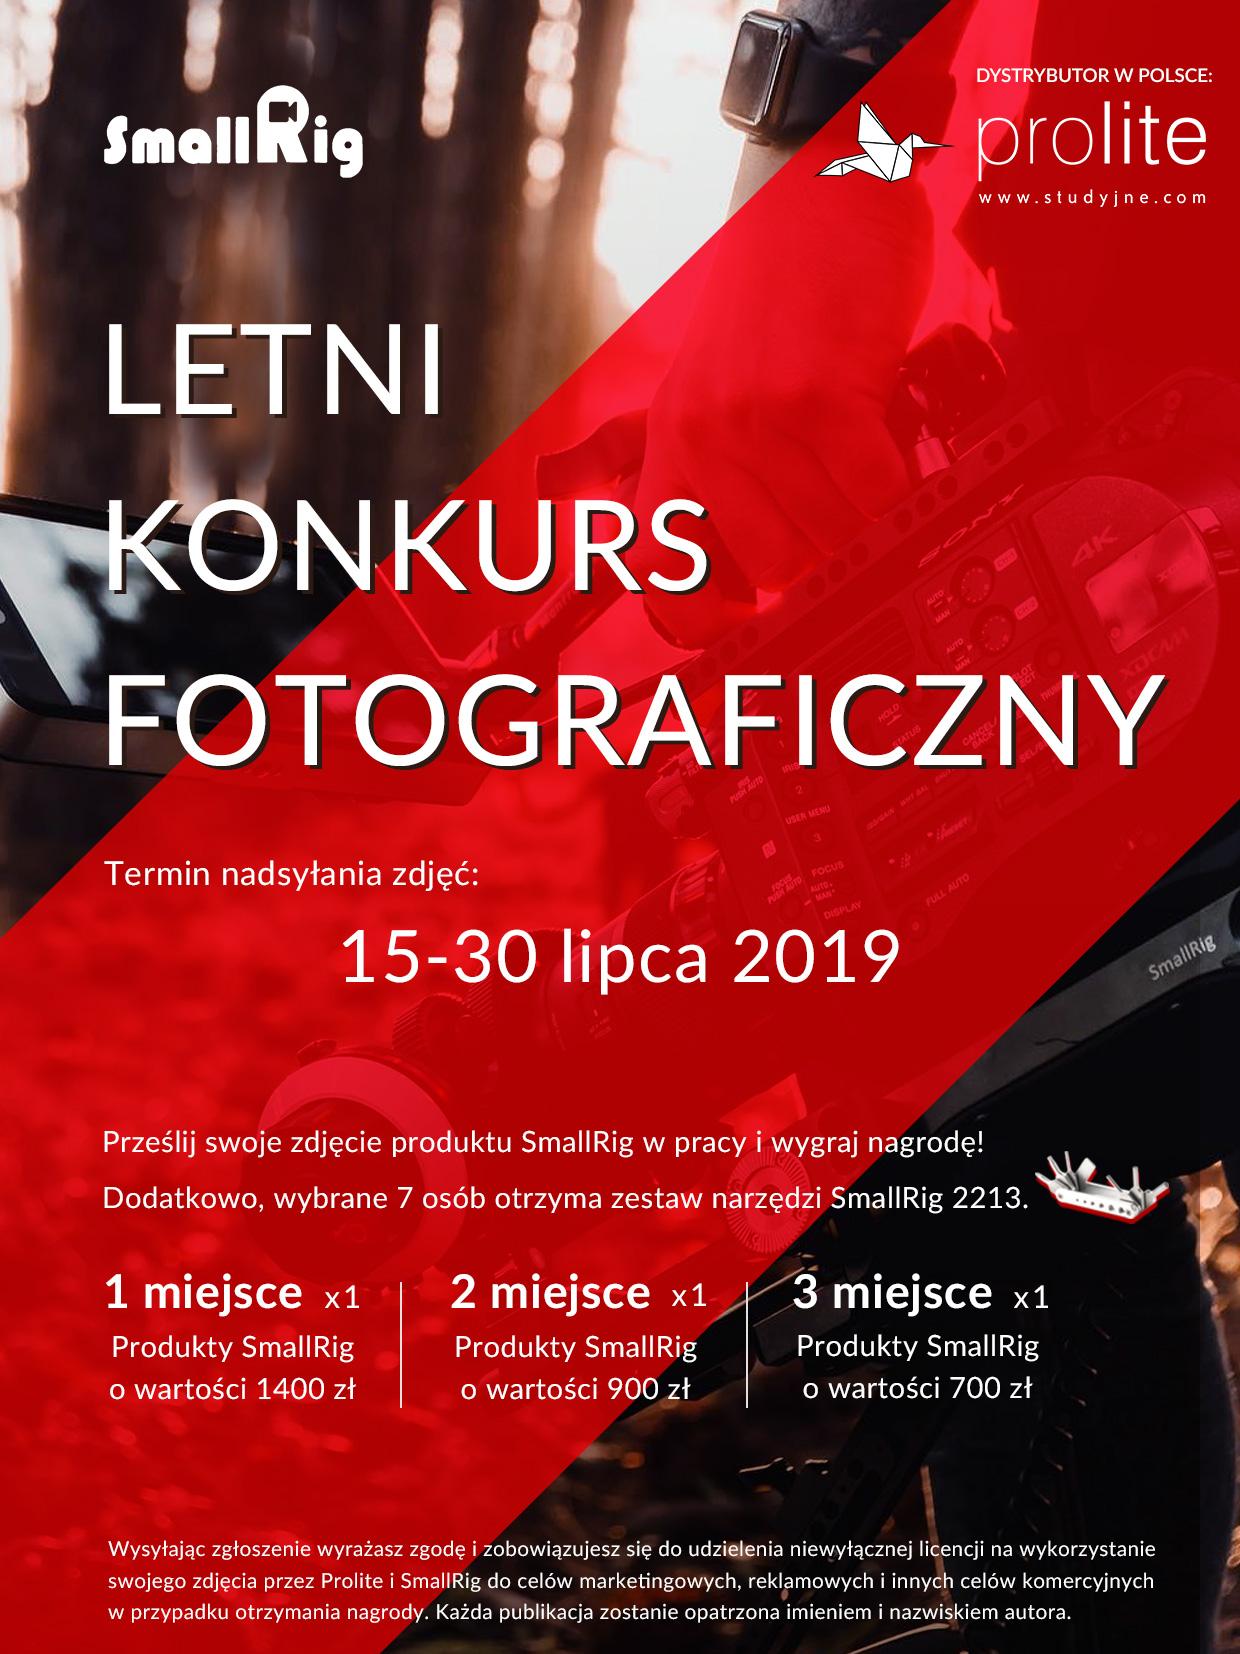 Letni Konkurs Fotograficzny na najlepsze zdjęcie wyposażenia marki SmallRig podczas pracy!